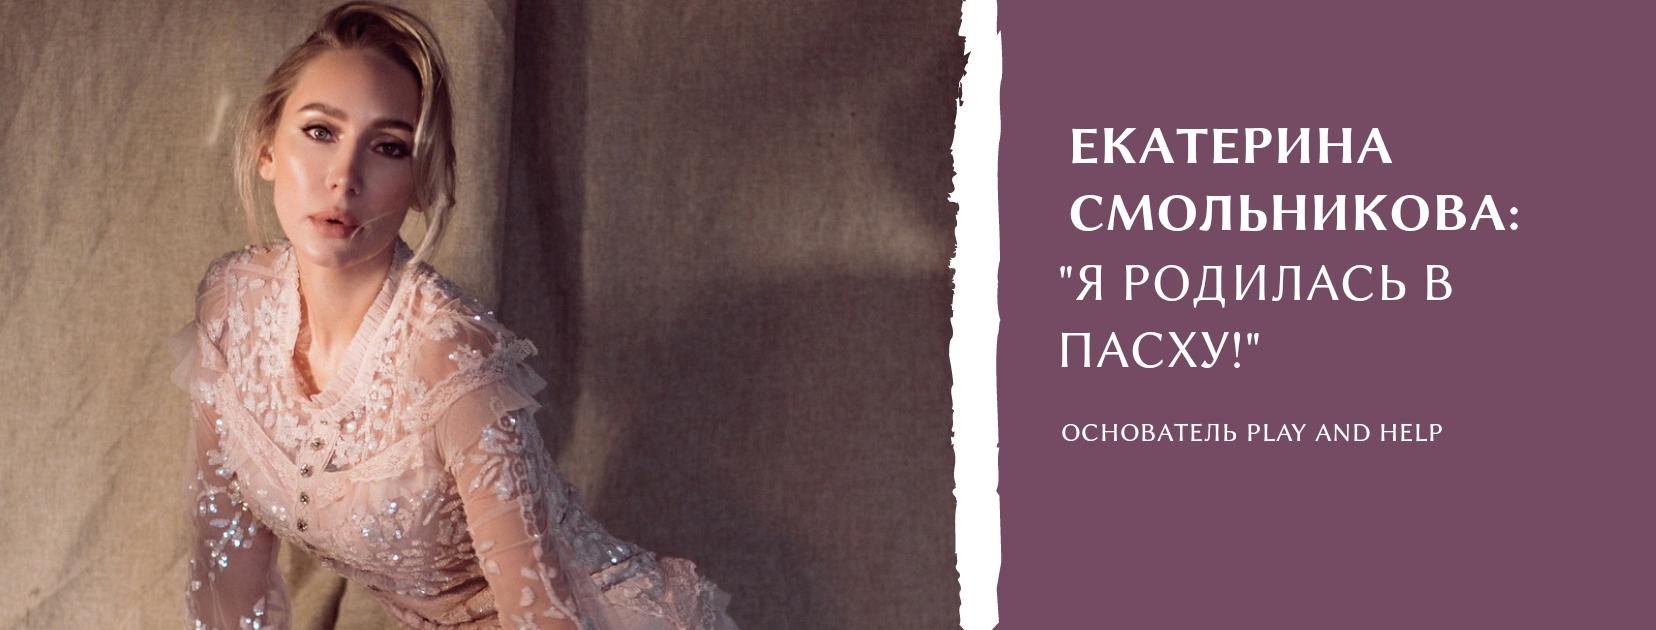 Екатерина Смольникова: «Я родилась в Пасху!» в ТК ЭКОПОЛИС premium